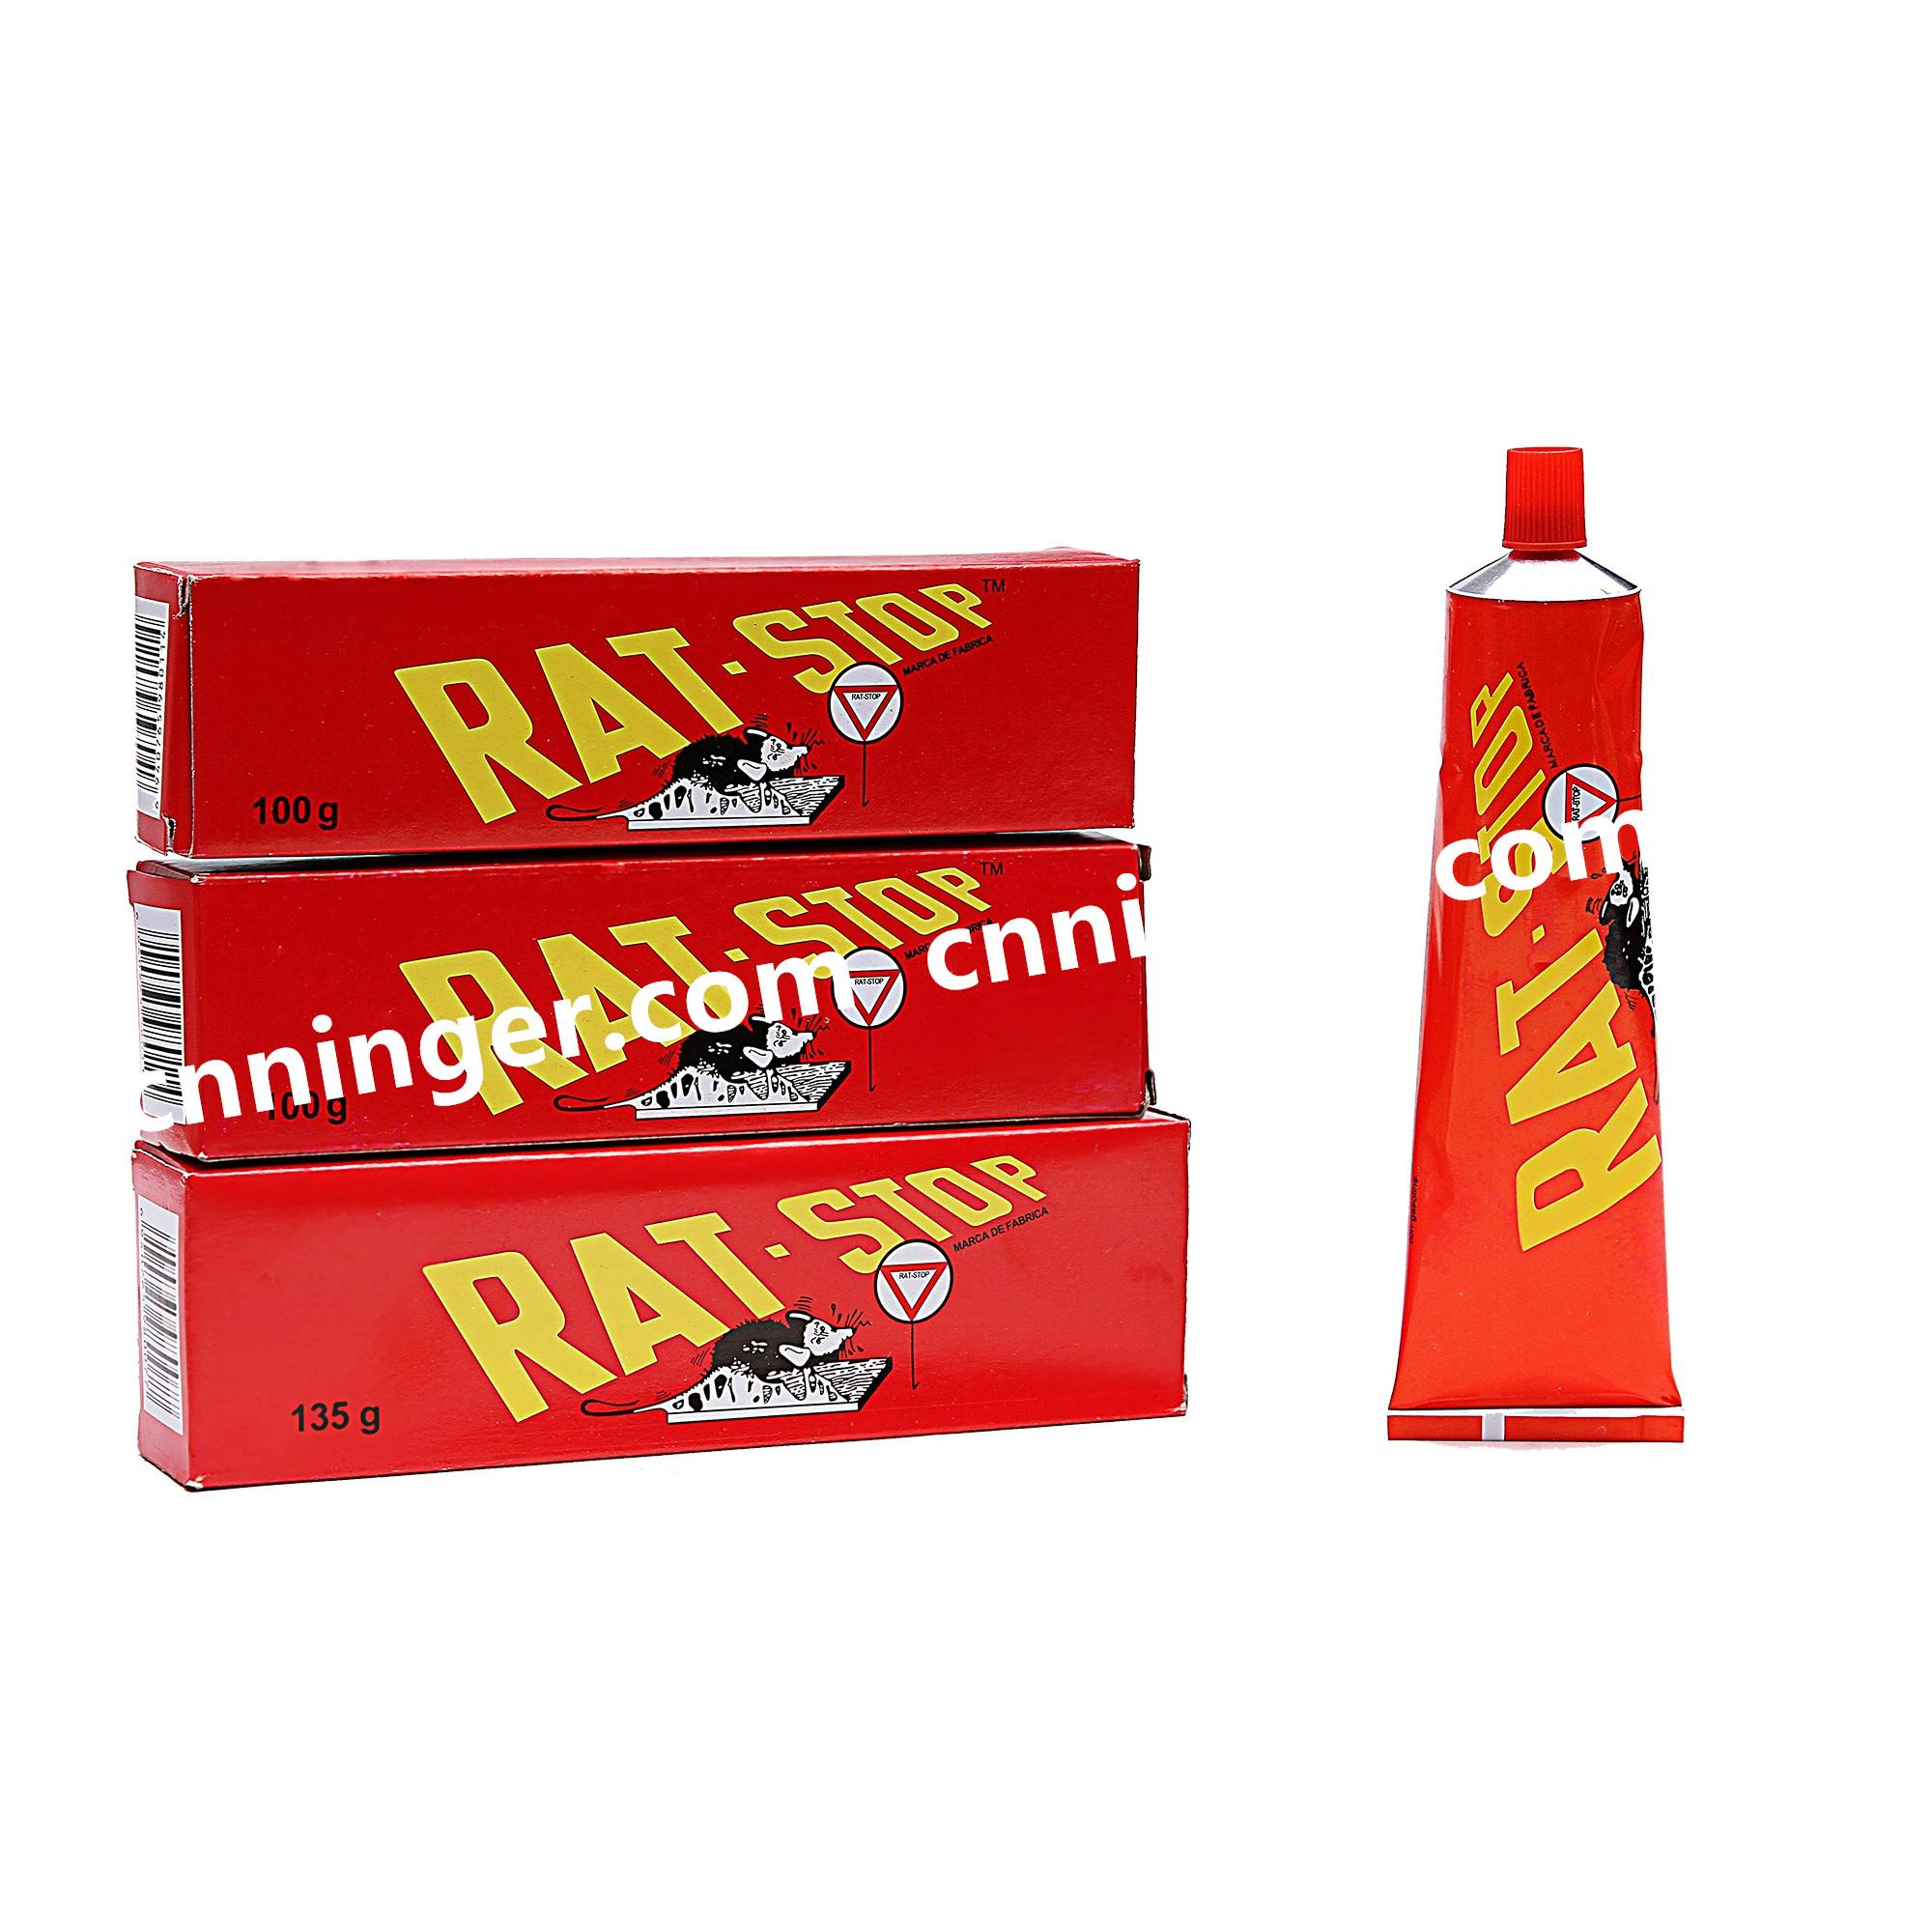 rat stop glue